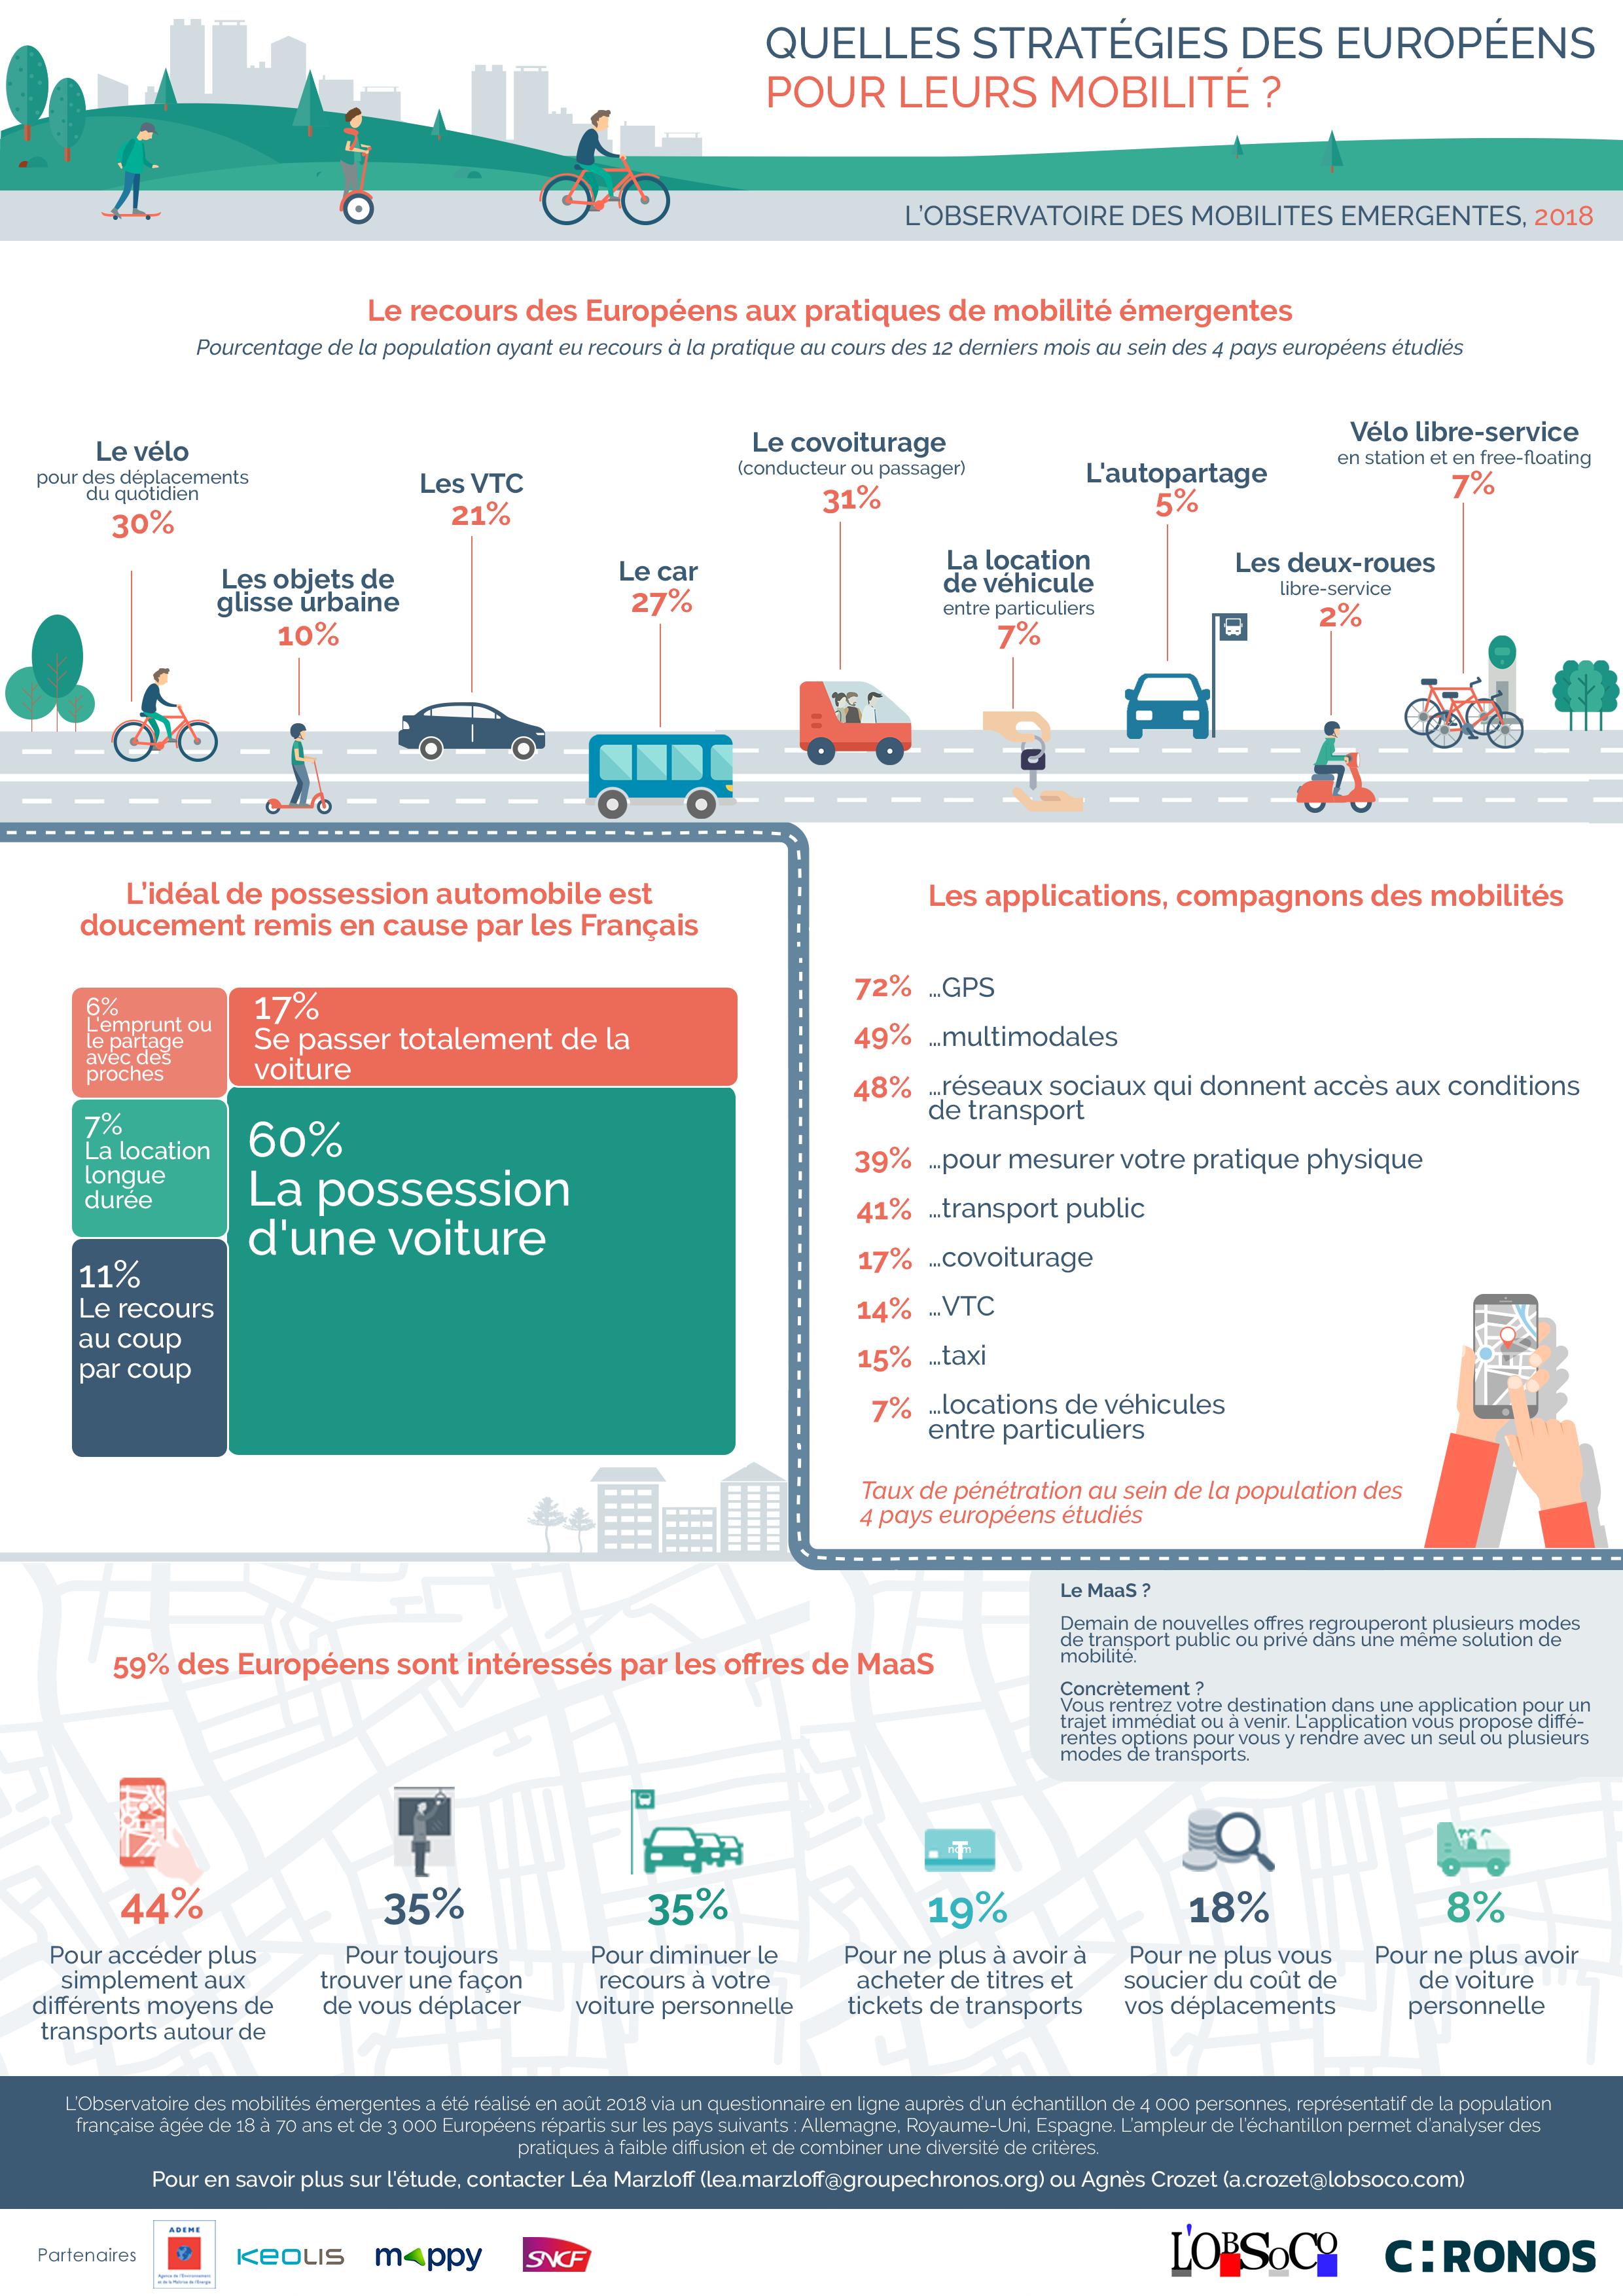 Observatoire des mobilités émergentes - Troisième édition